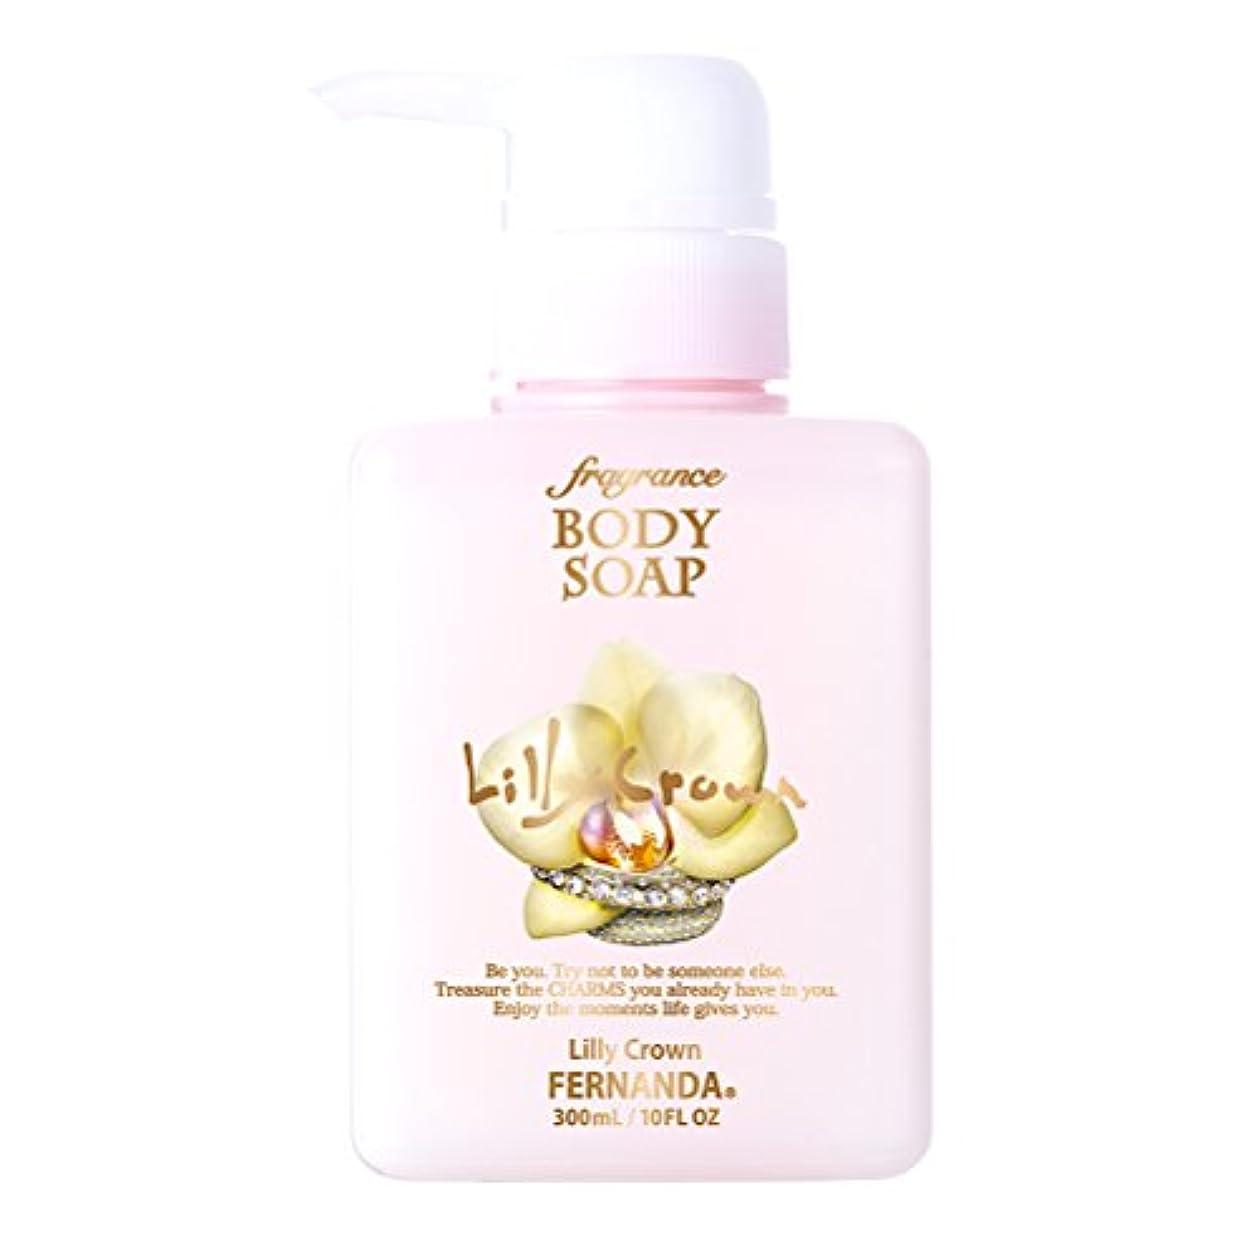 予想する空虚慈悲FERNANDA(フェルナンダ) Fragrance Body Soap Lilly Crown (ボディソープ リリークラウン)